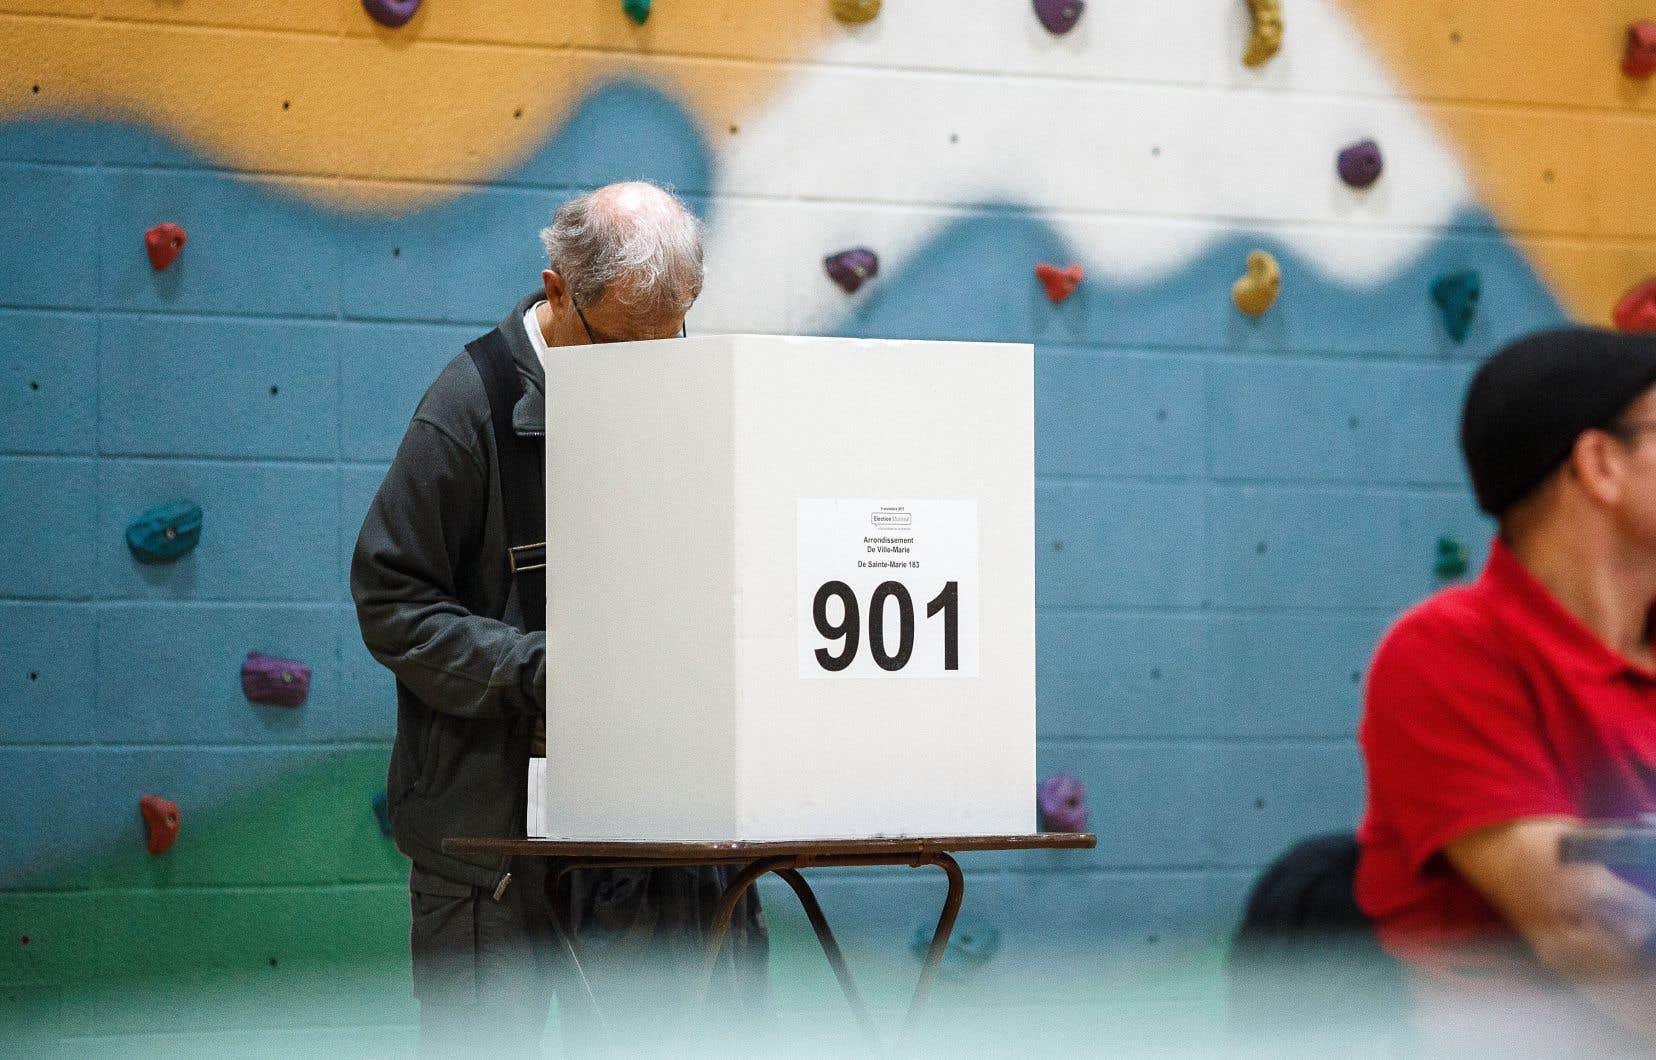 Si le Québec prépare un référendum sur une réforme électorale, il faudra s'assurer que les Québécois aient en main toutes les informations nécessaires pour faire un choix éclairé.